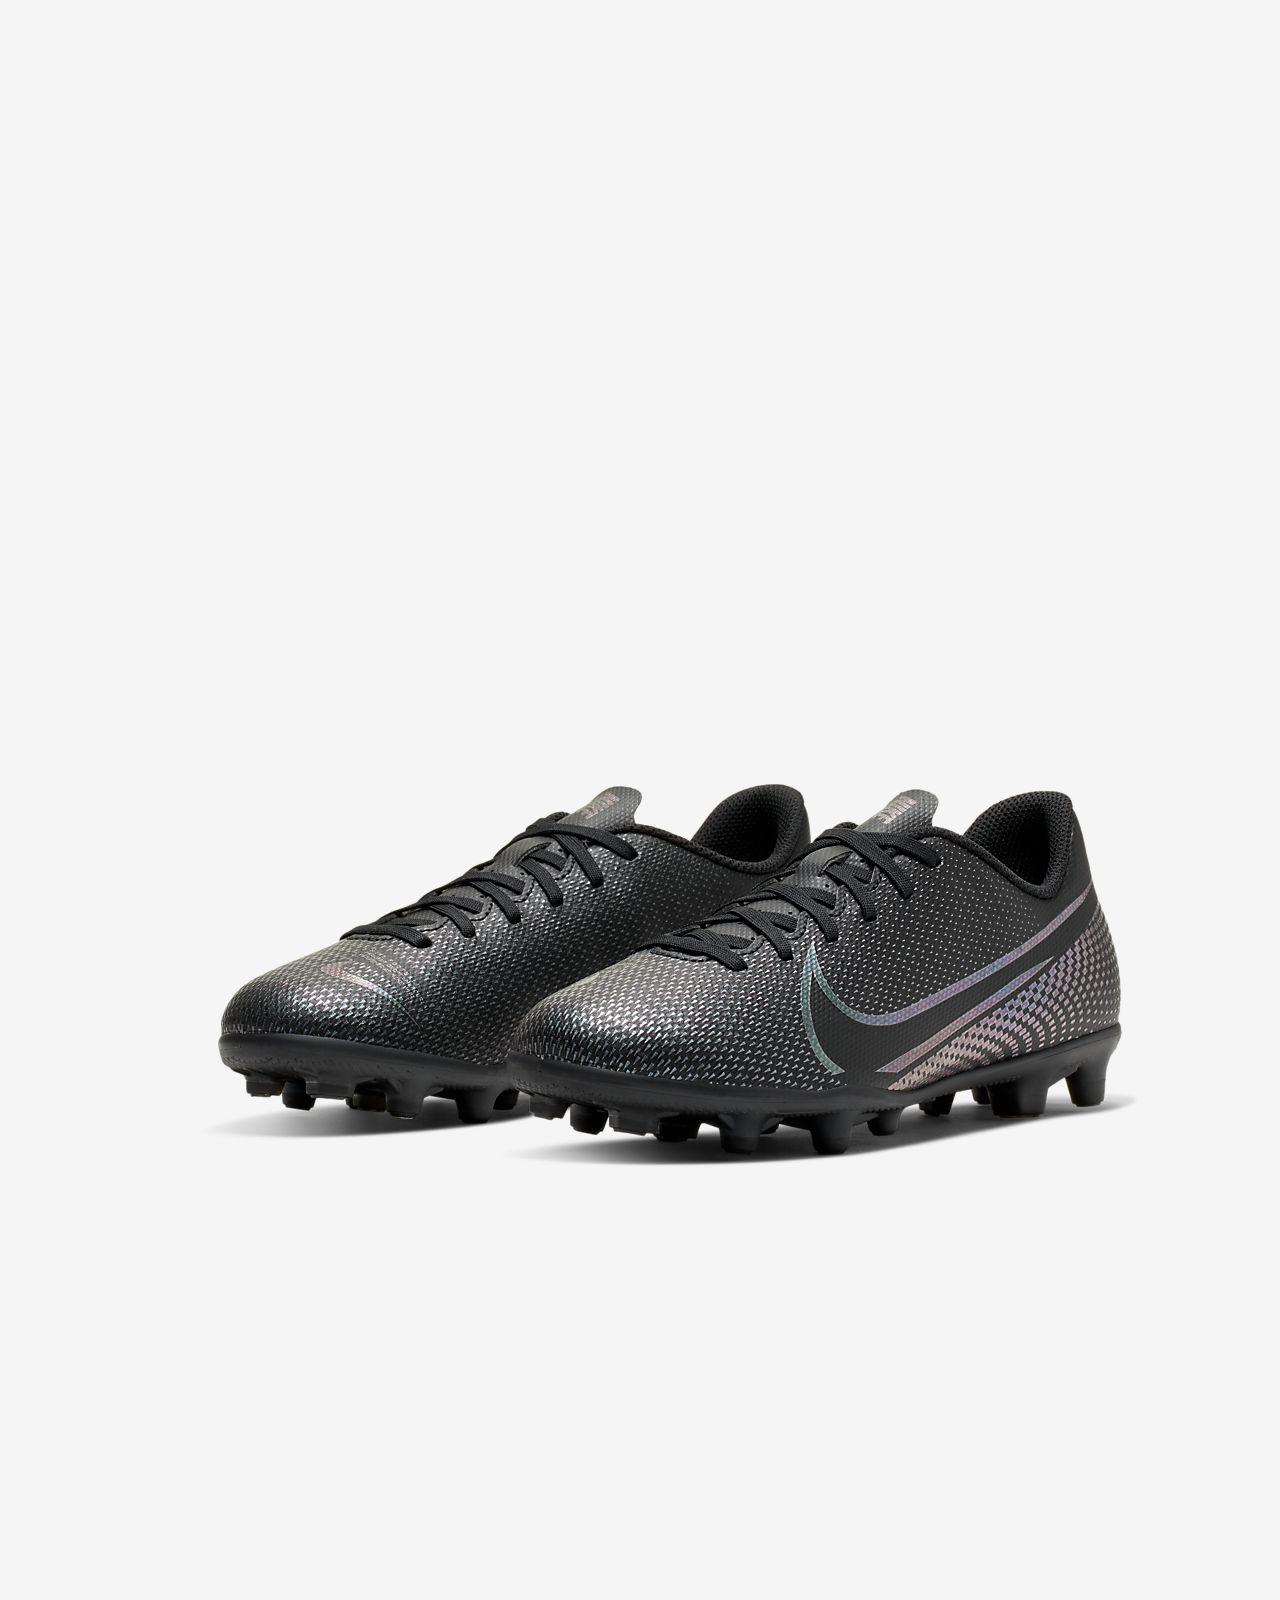 Nike Jr. Mercurial Vapor 13 Club MG többféle talajra készült stoplis futballcipő gyerekekneknagyobb gyerekeknek